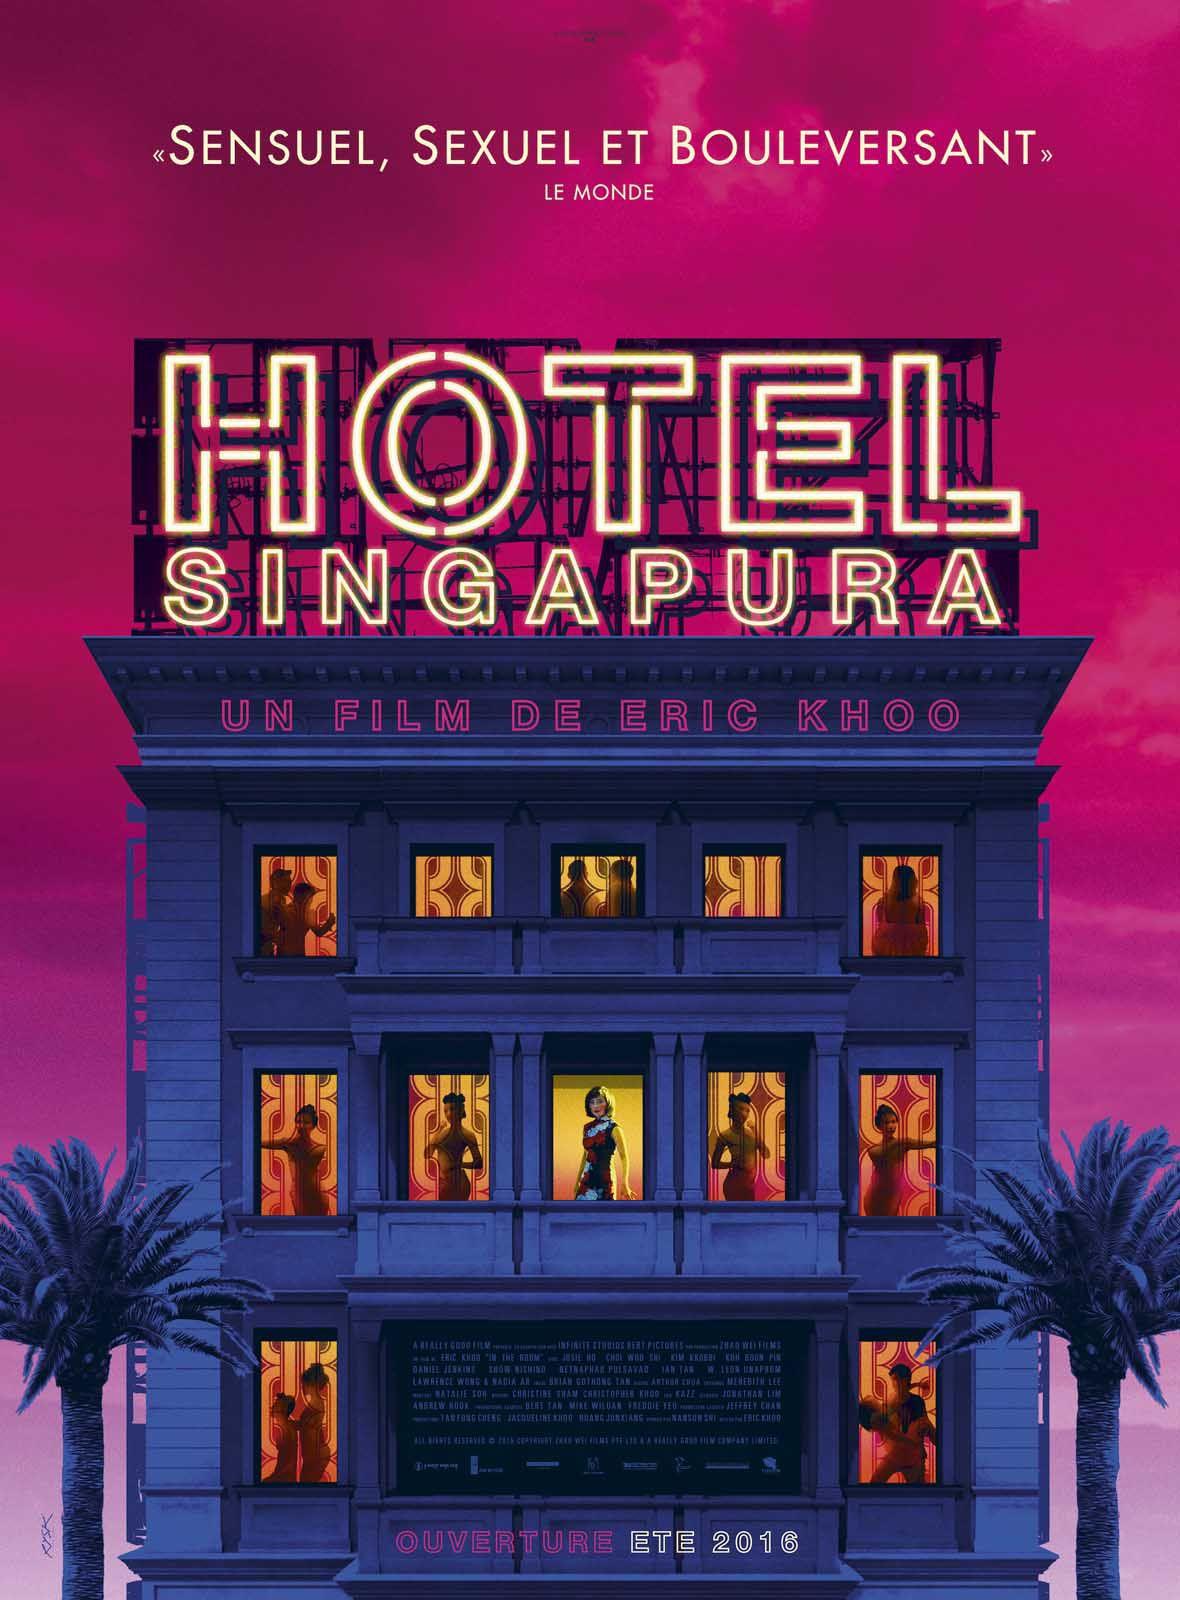 Hôtel Singapura - Film (2015)